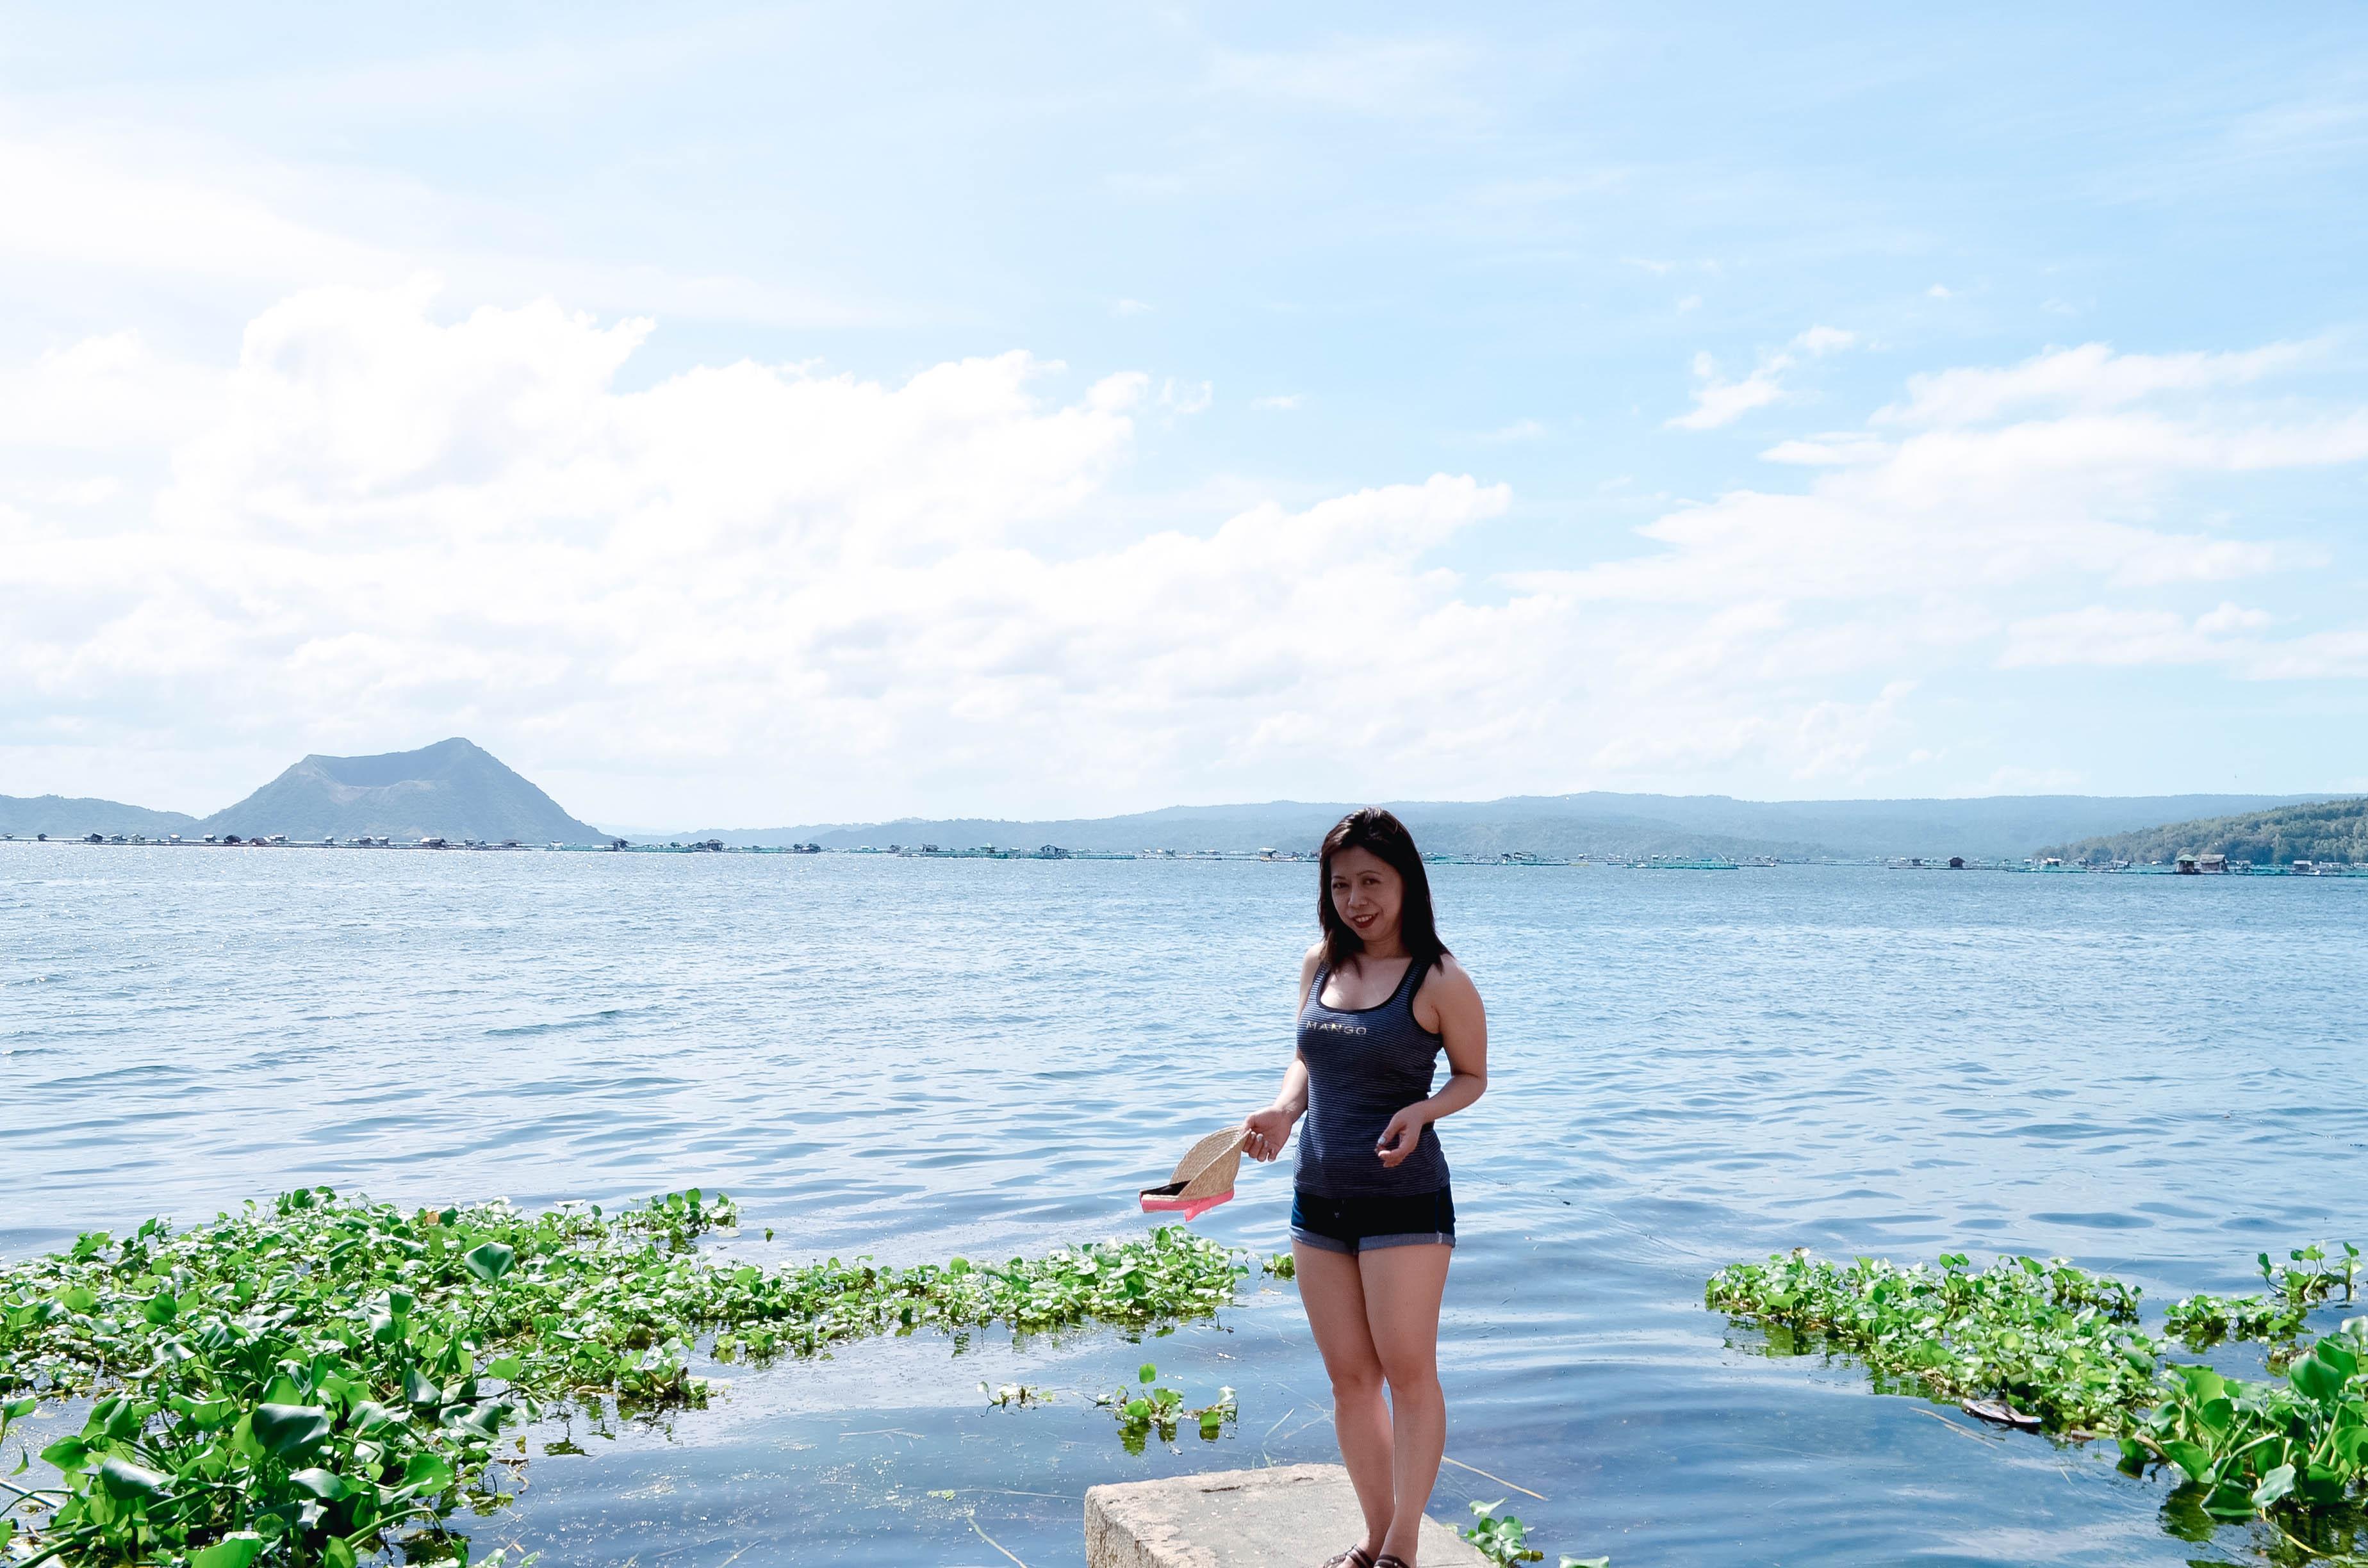 Tagaytay lake